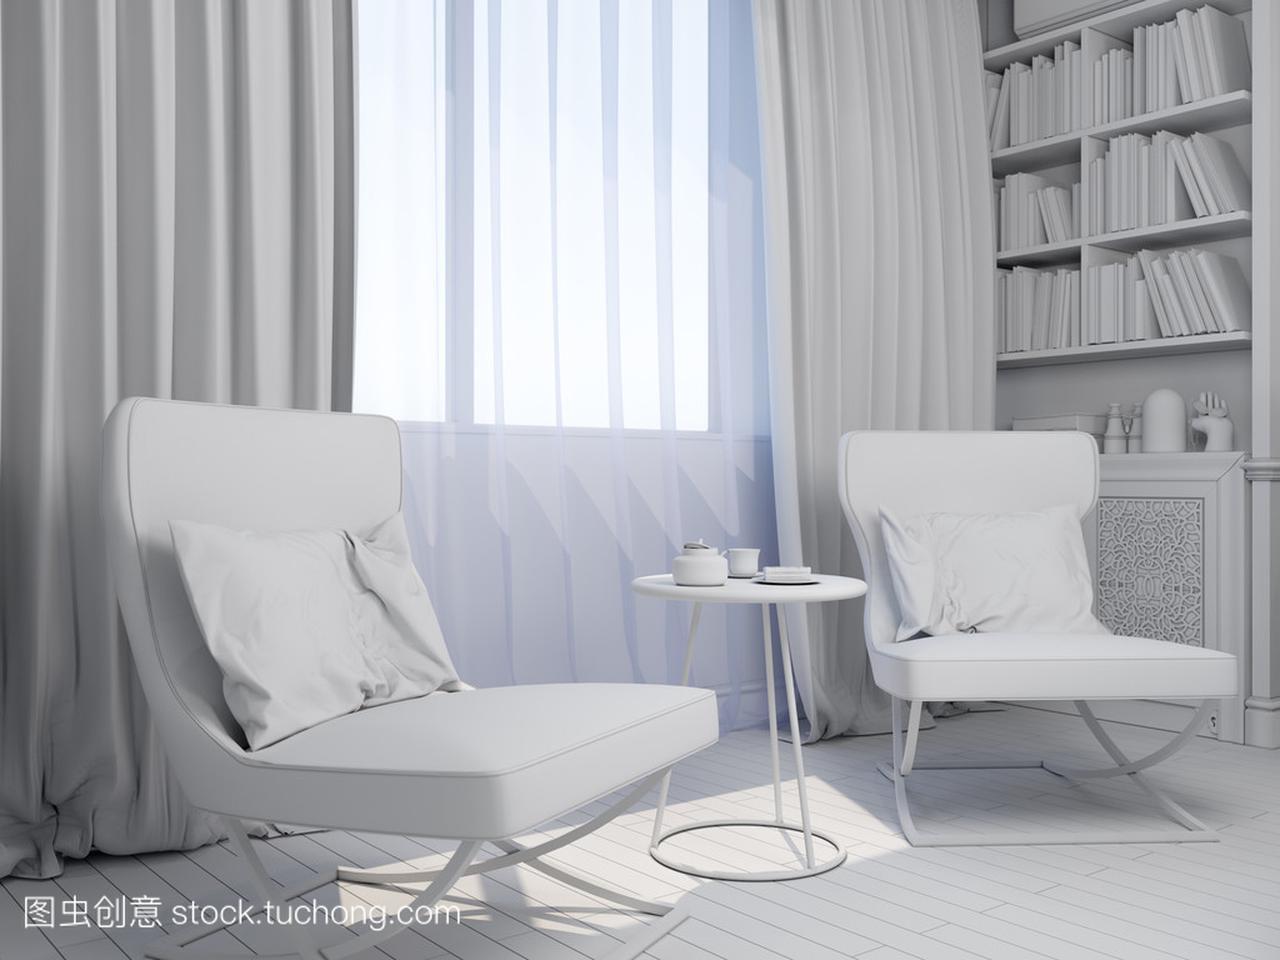 风格室内设计的方案,现代客厅的3d渲染v风格经典文化图片